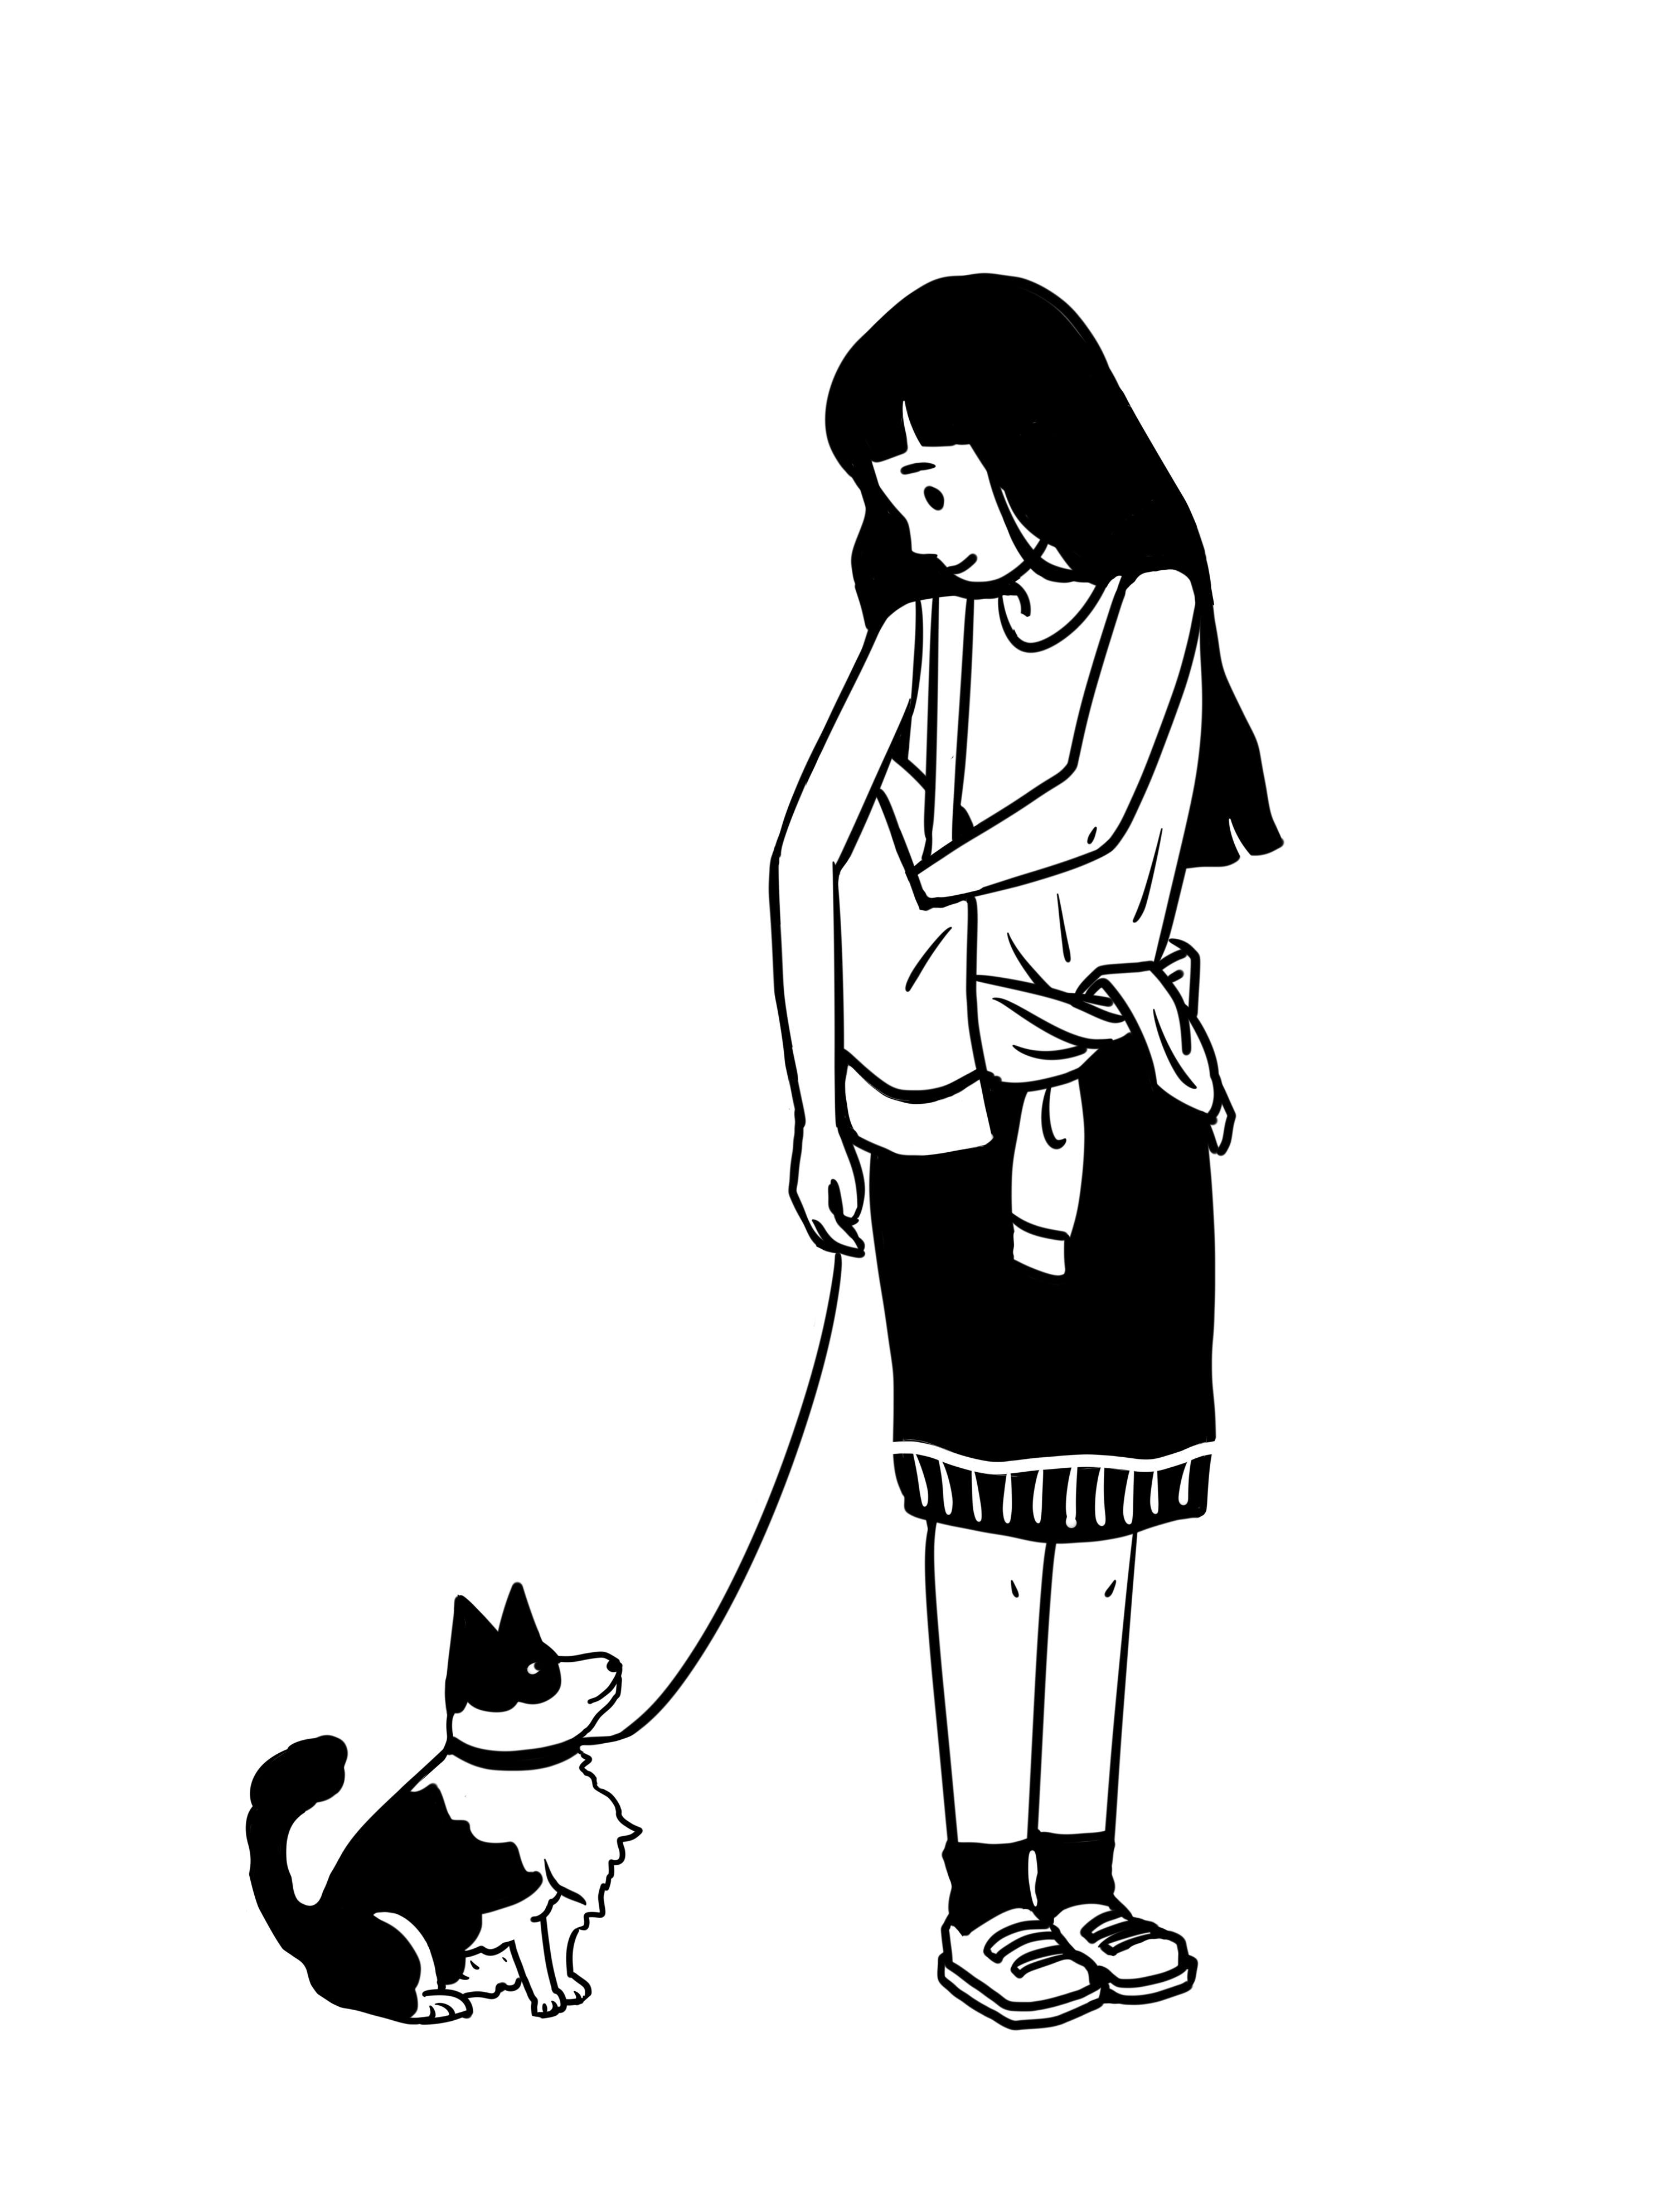 动漫 简笔画 卡通 漫画 设计 矢量 矢量图 手绘 素材 头像 线稿 2976